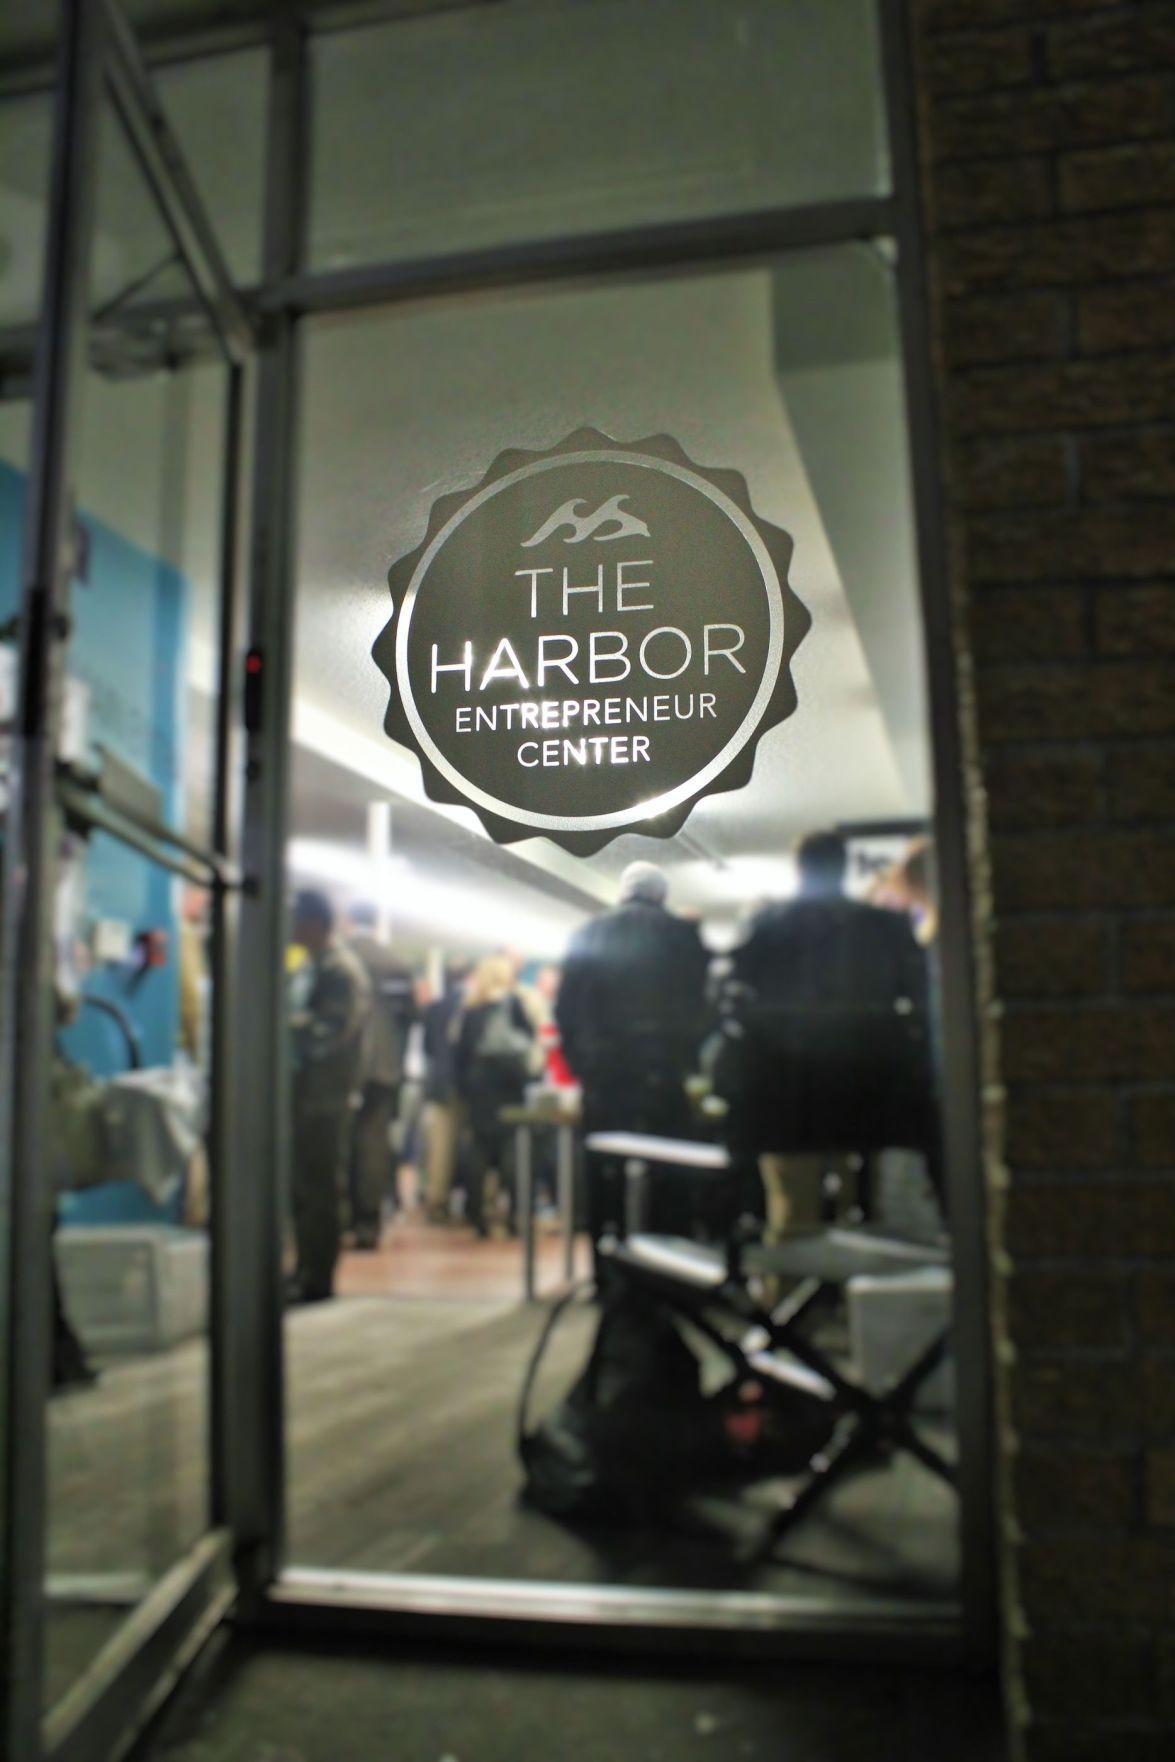 Applications open for Harbor Entrepreneur Center program